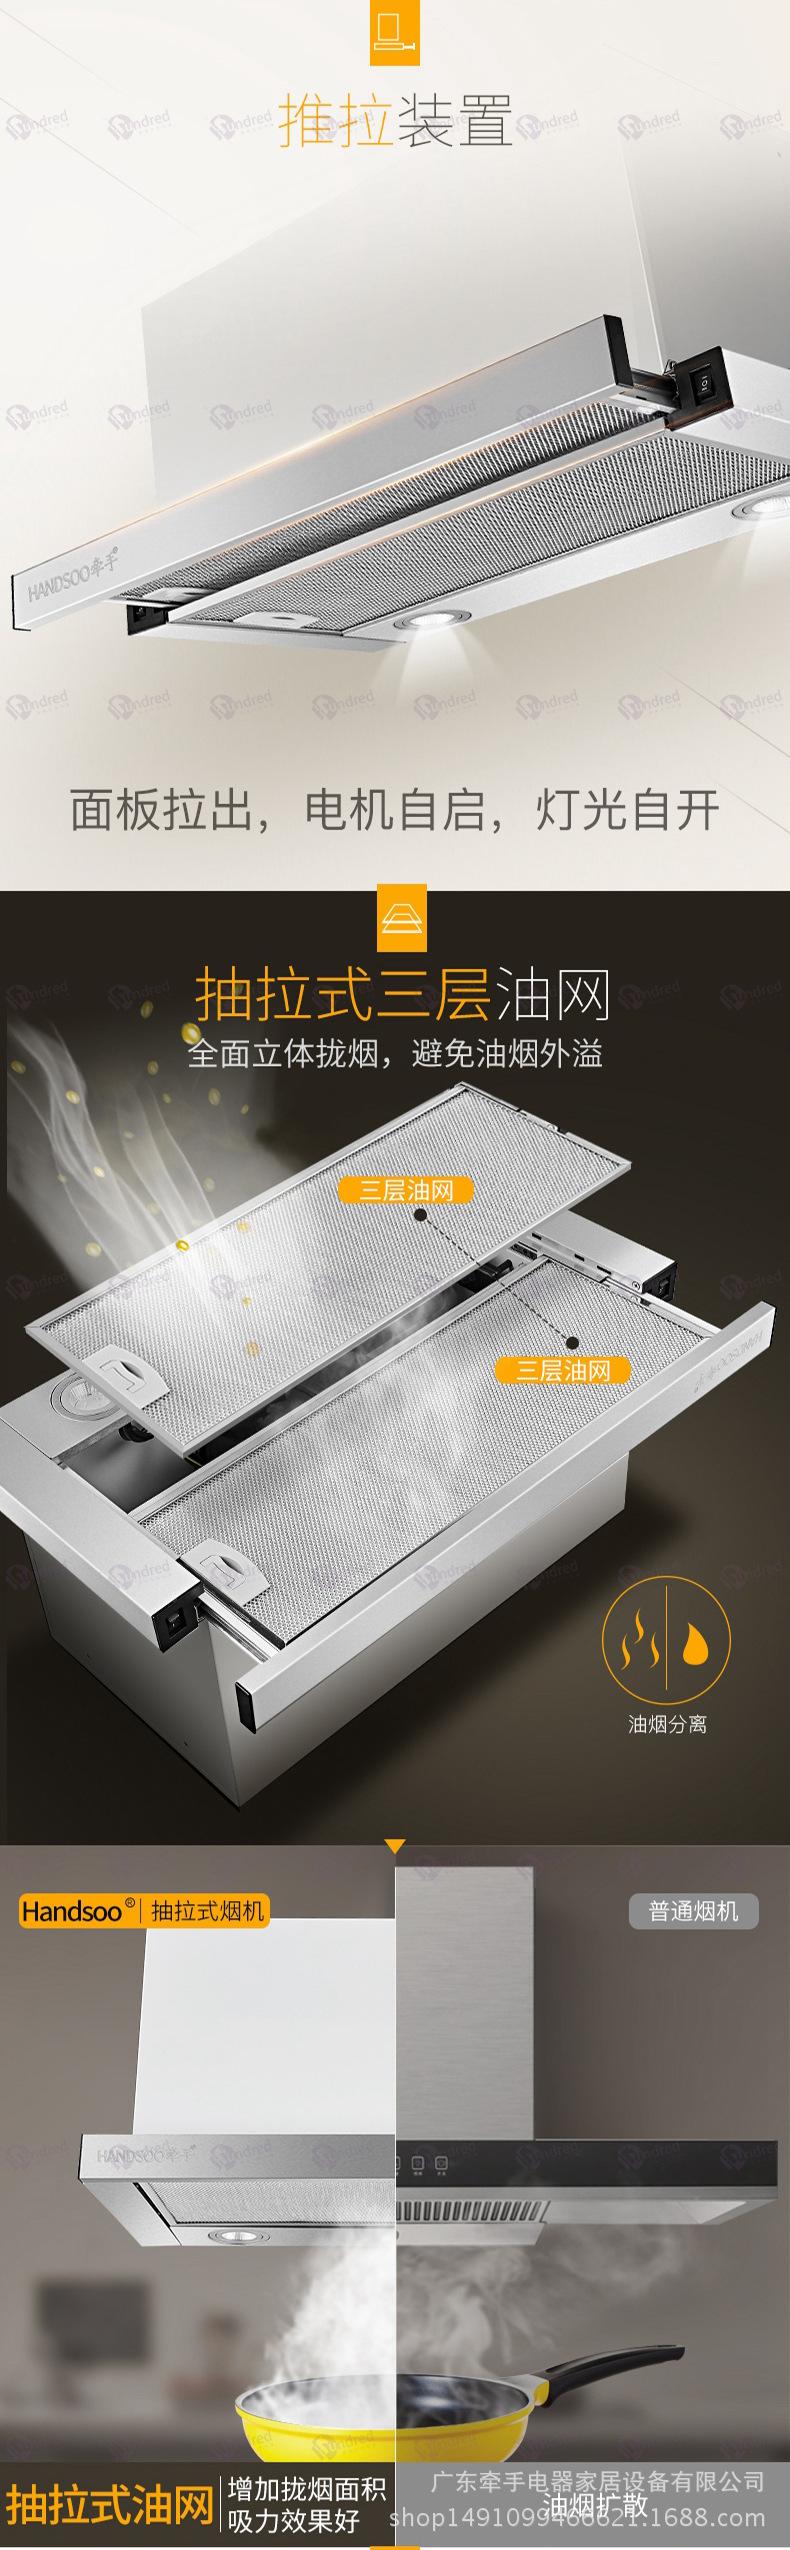 抽拉式油烟机